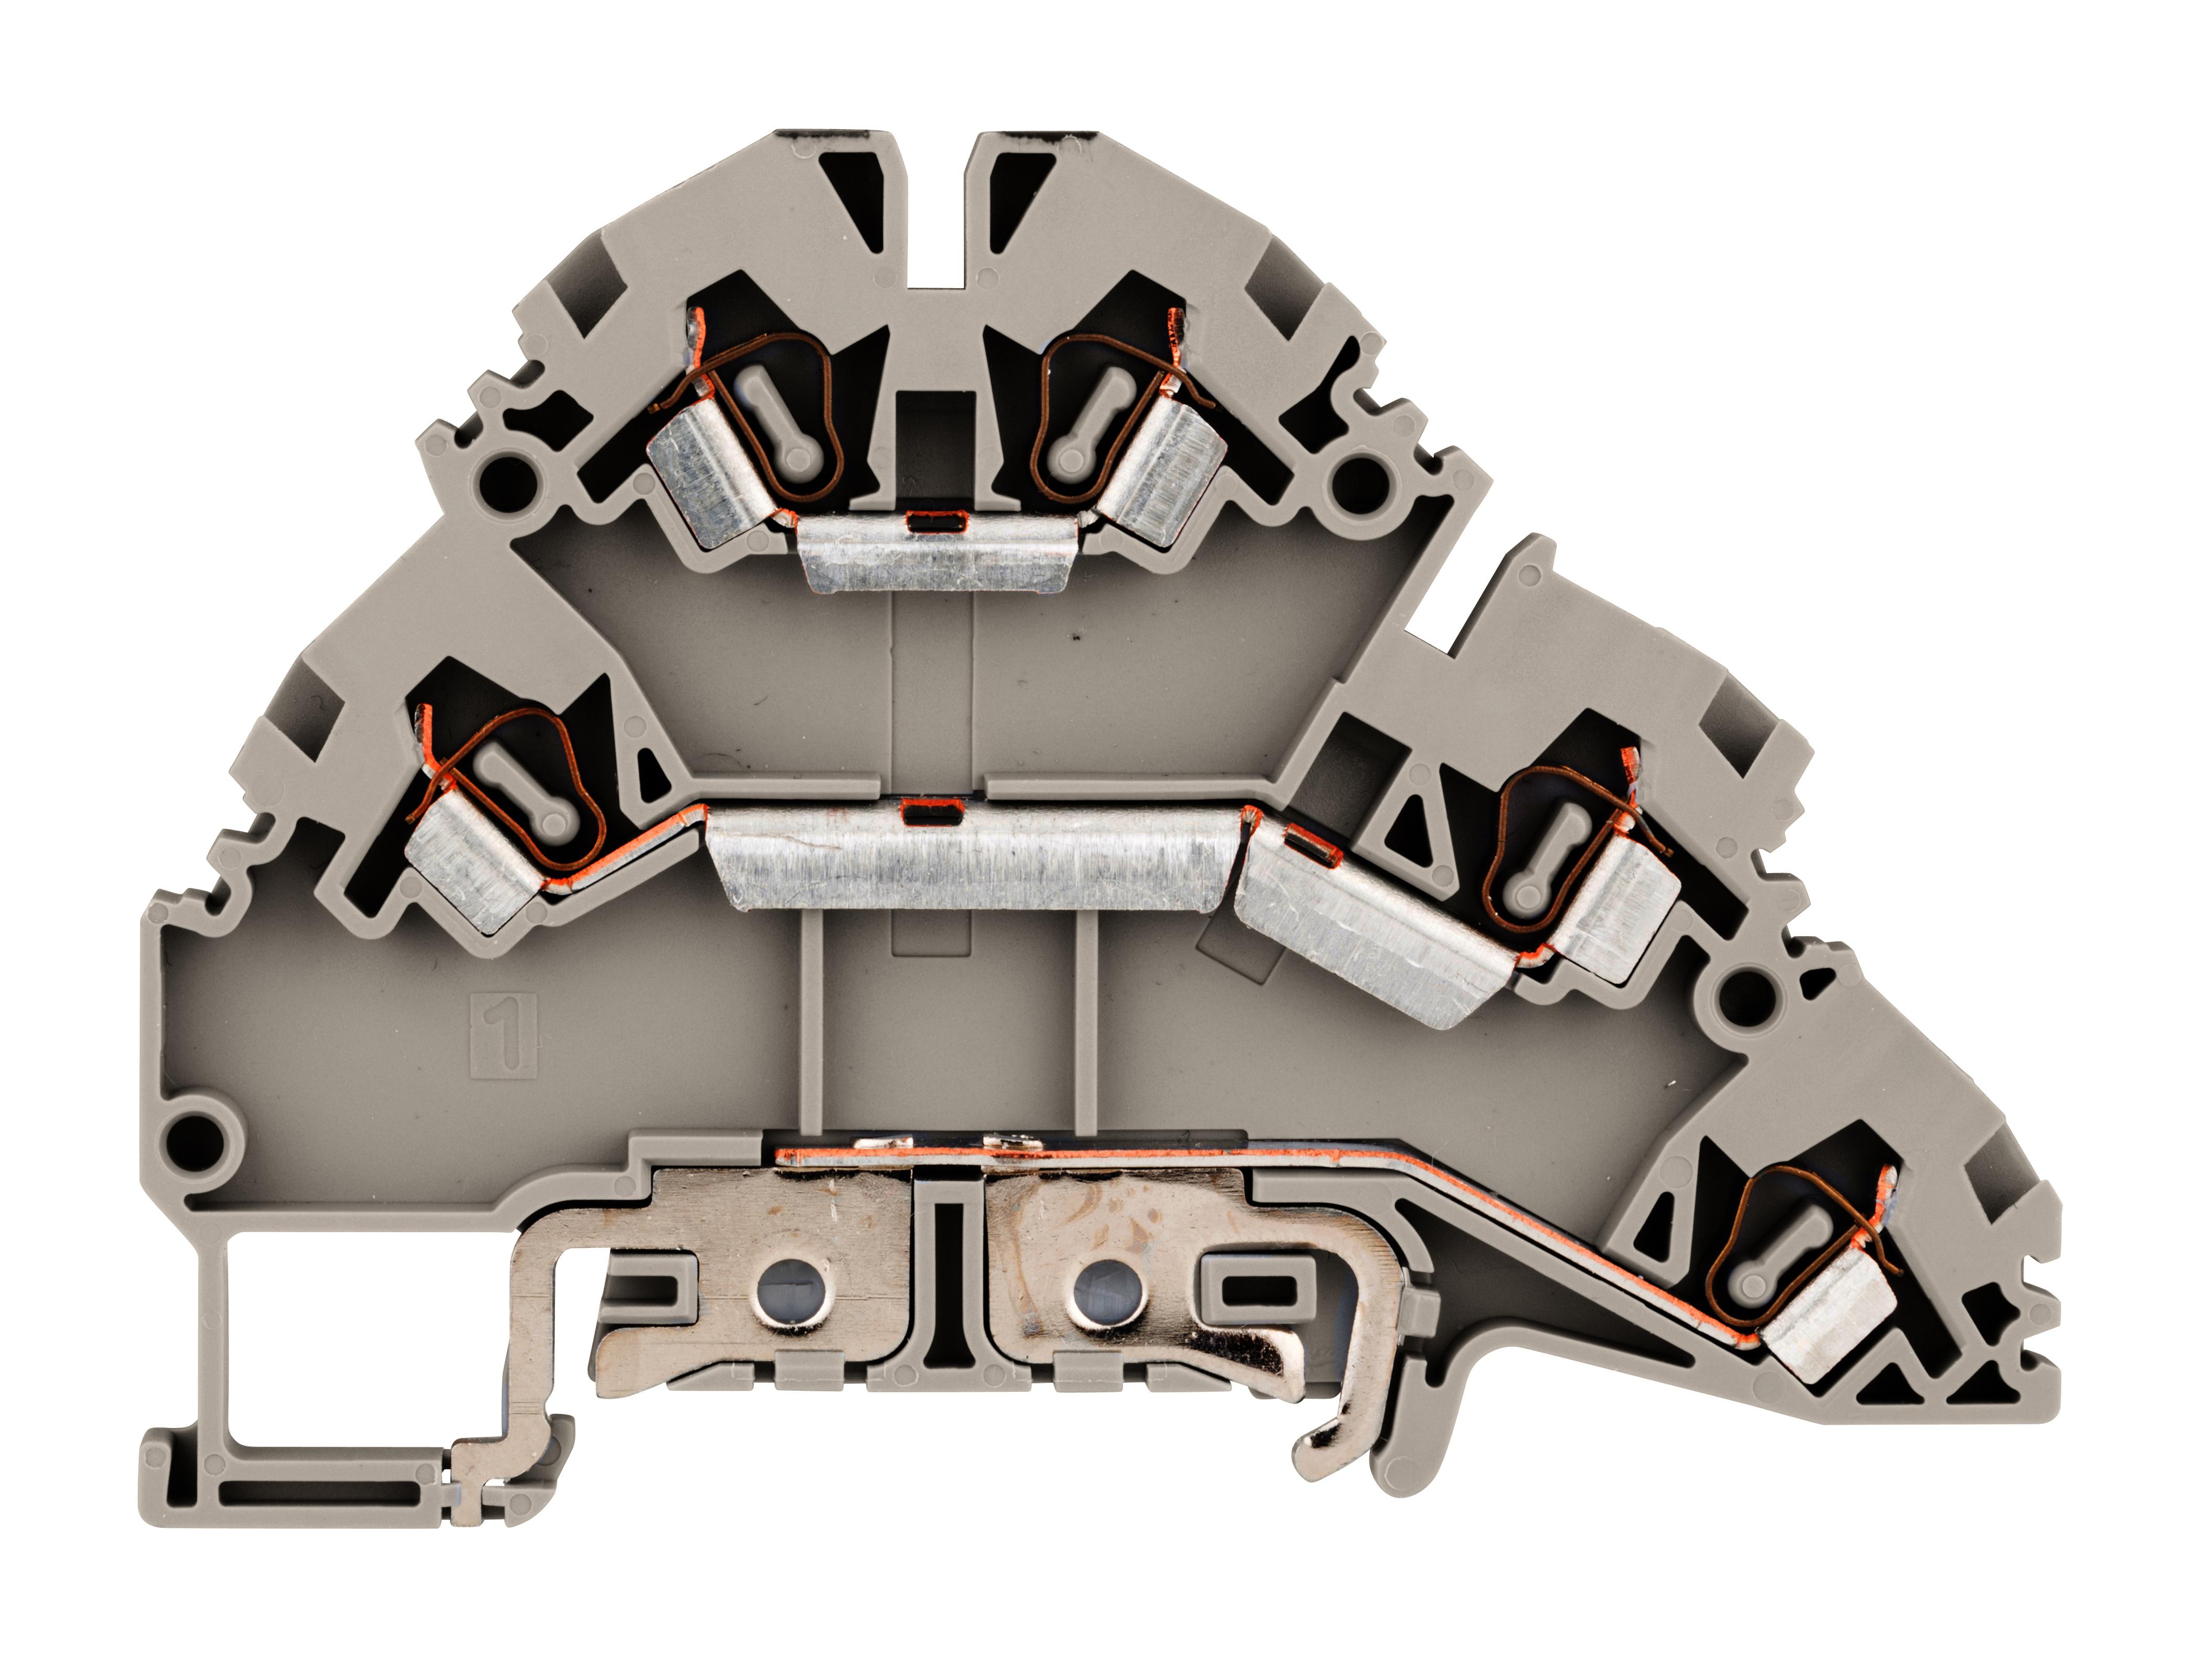 1 Stk Dreistockklemme 2,5mm² (L/N/PE), Type YBK 2.5 - 2 FT grau IK690002--